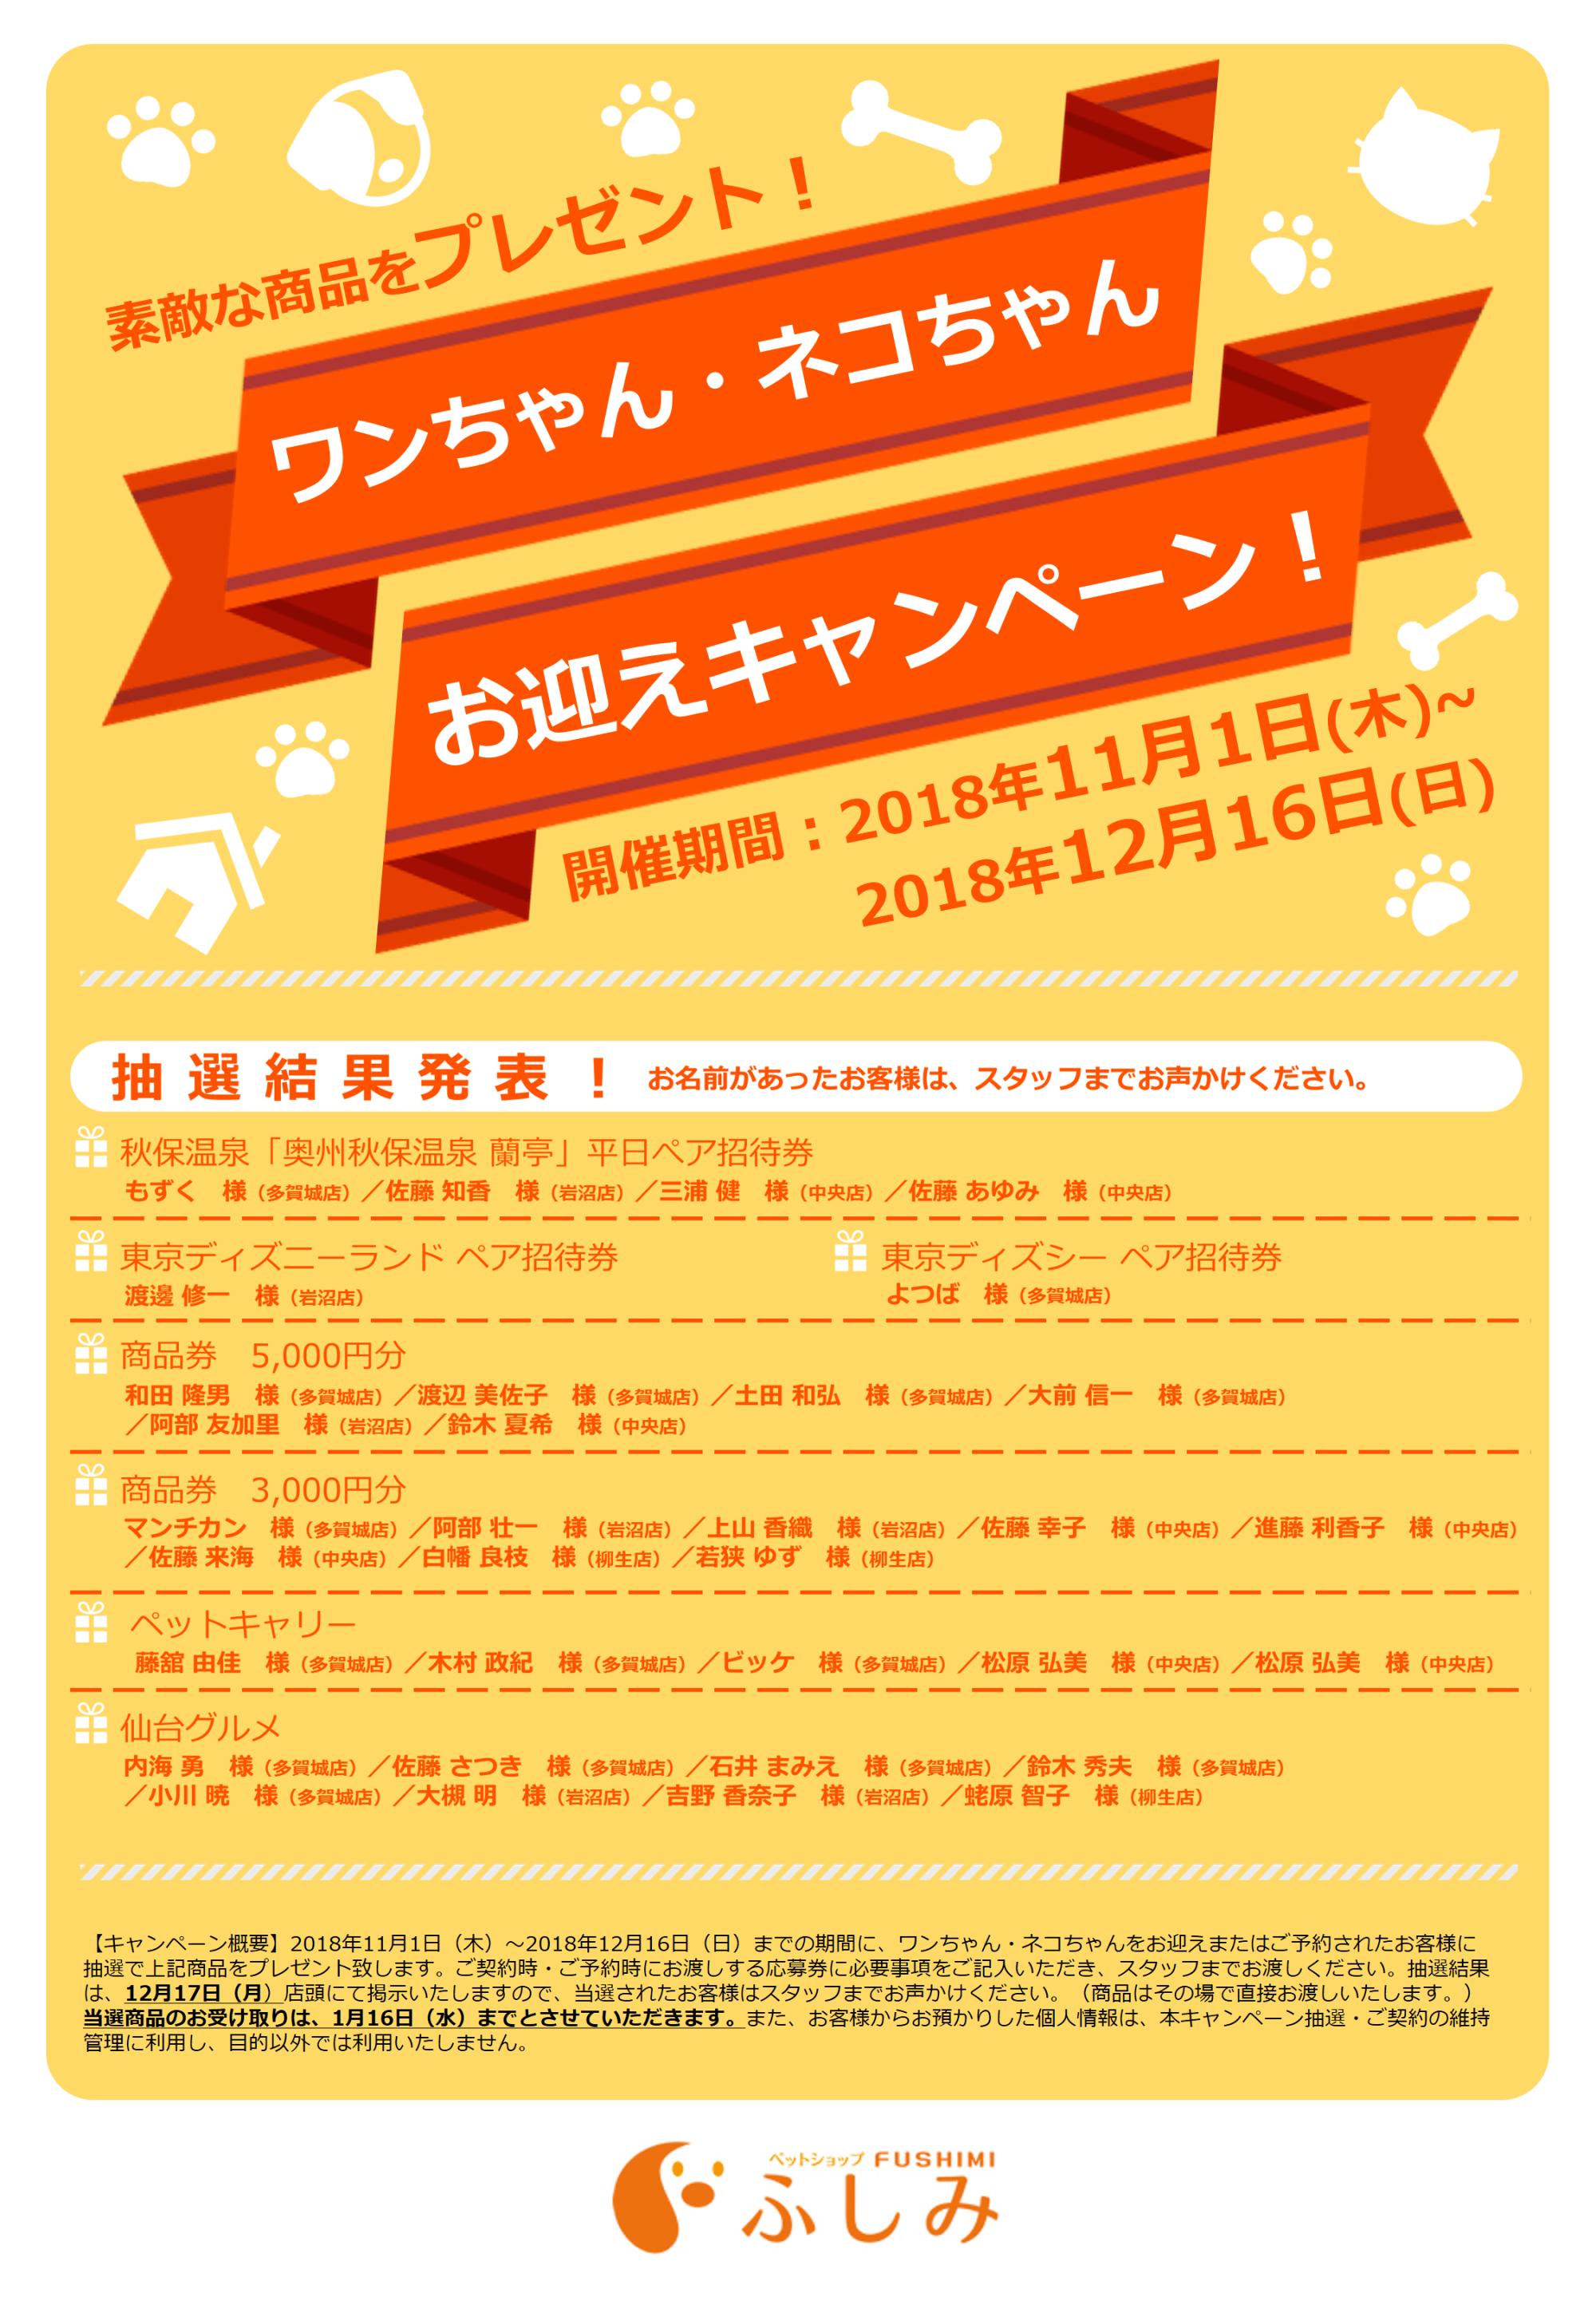 第3弾「お迎えキャンペーン」 12月17日結果発表